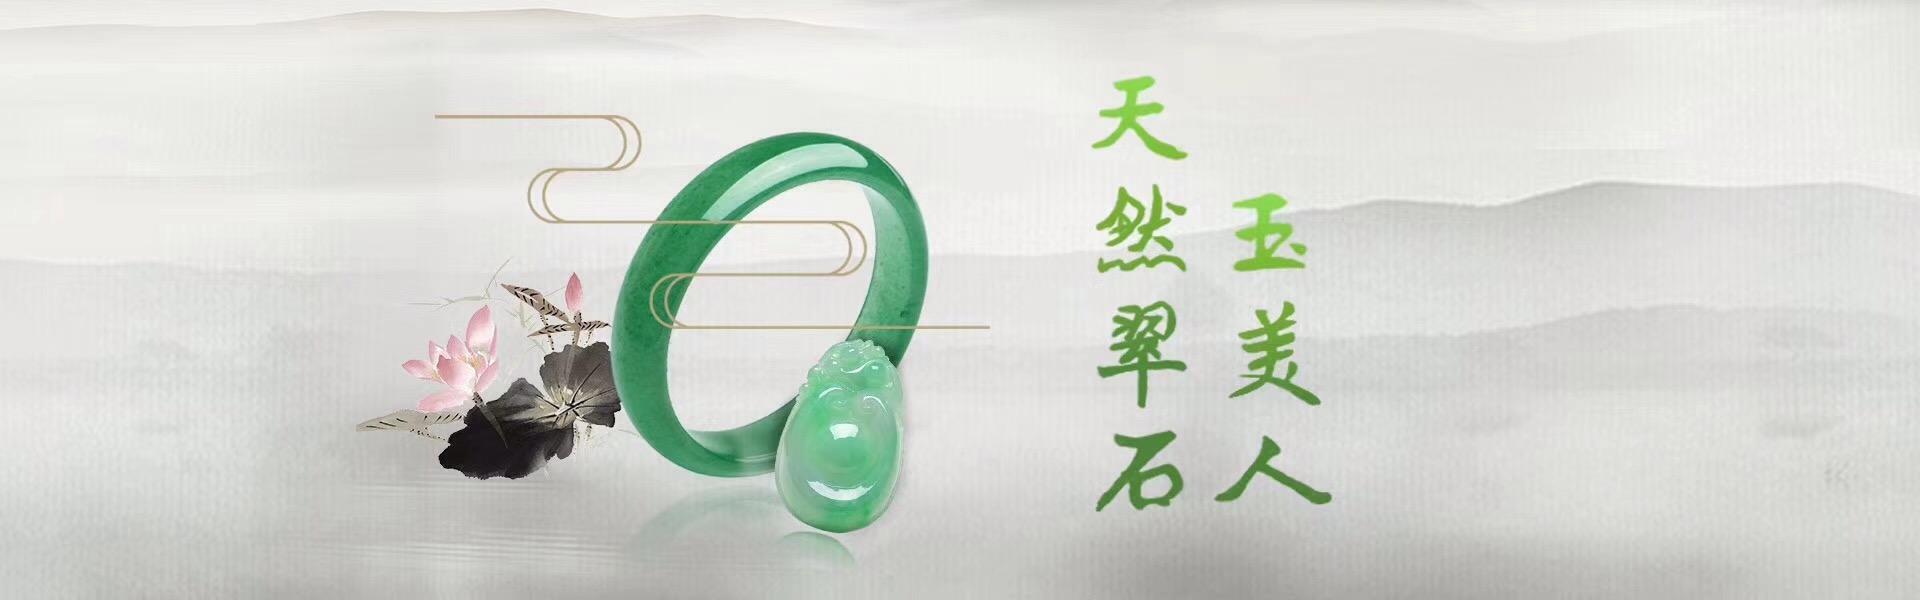 翡翠手镯形状口碑好,在哪能买到精致的翡翠保养